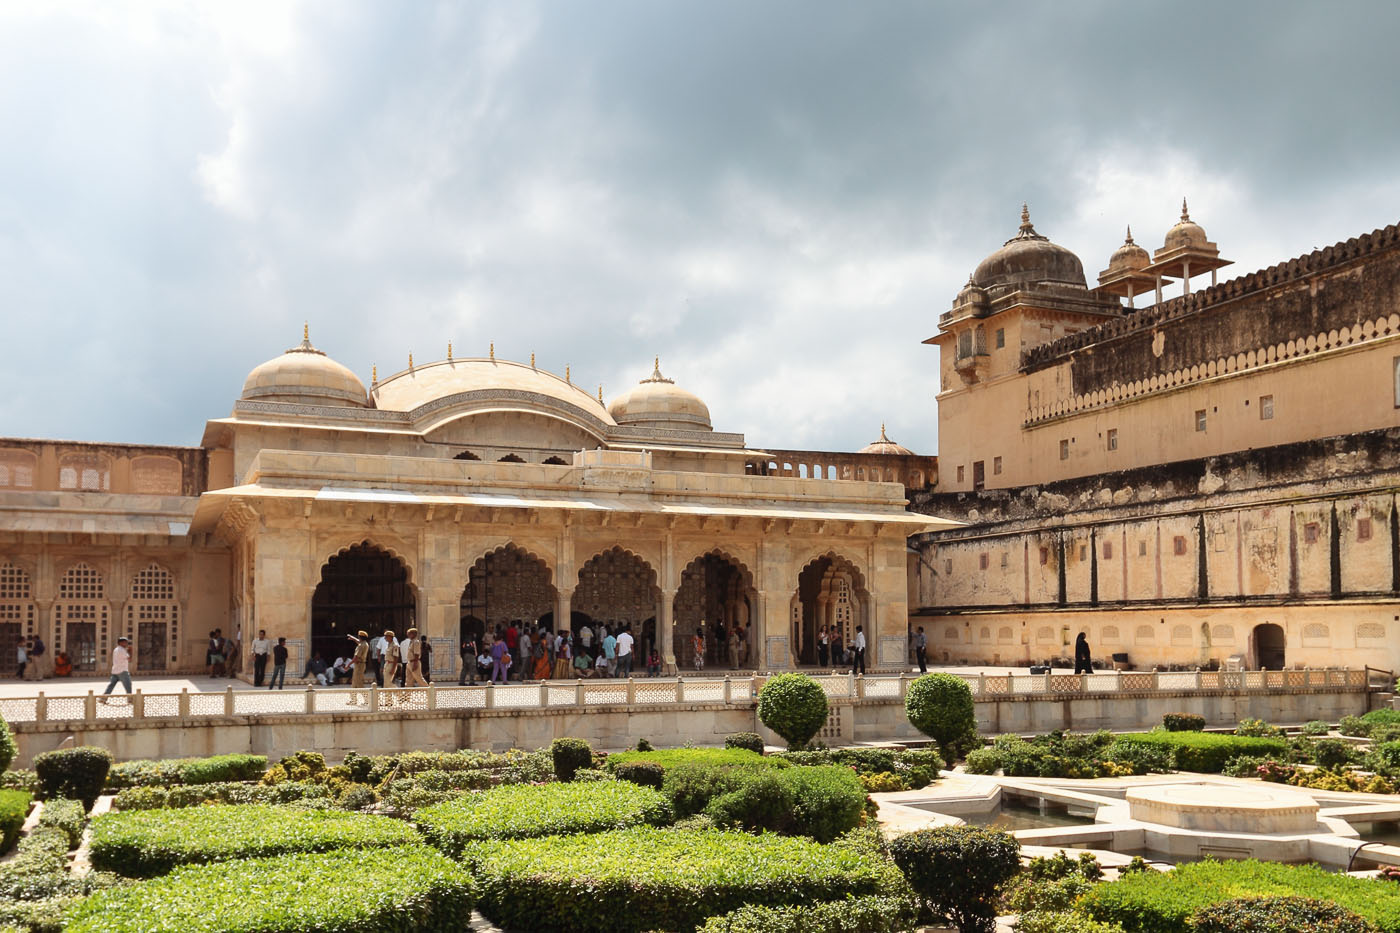 Фото 12. Экскурсия в Зеркальный дворец Шиш-Махал в Джайпуре